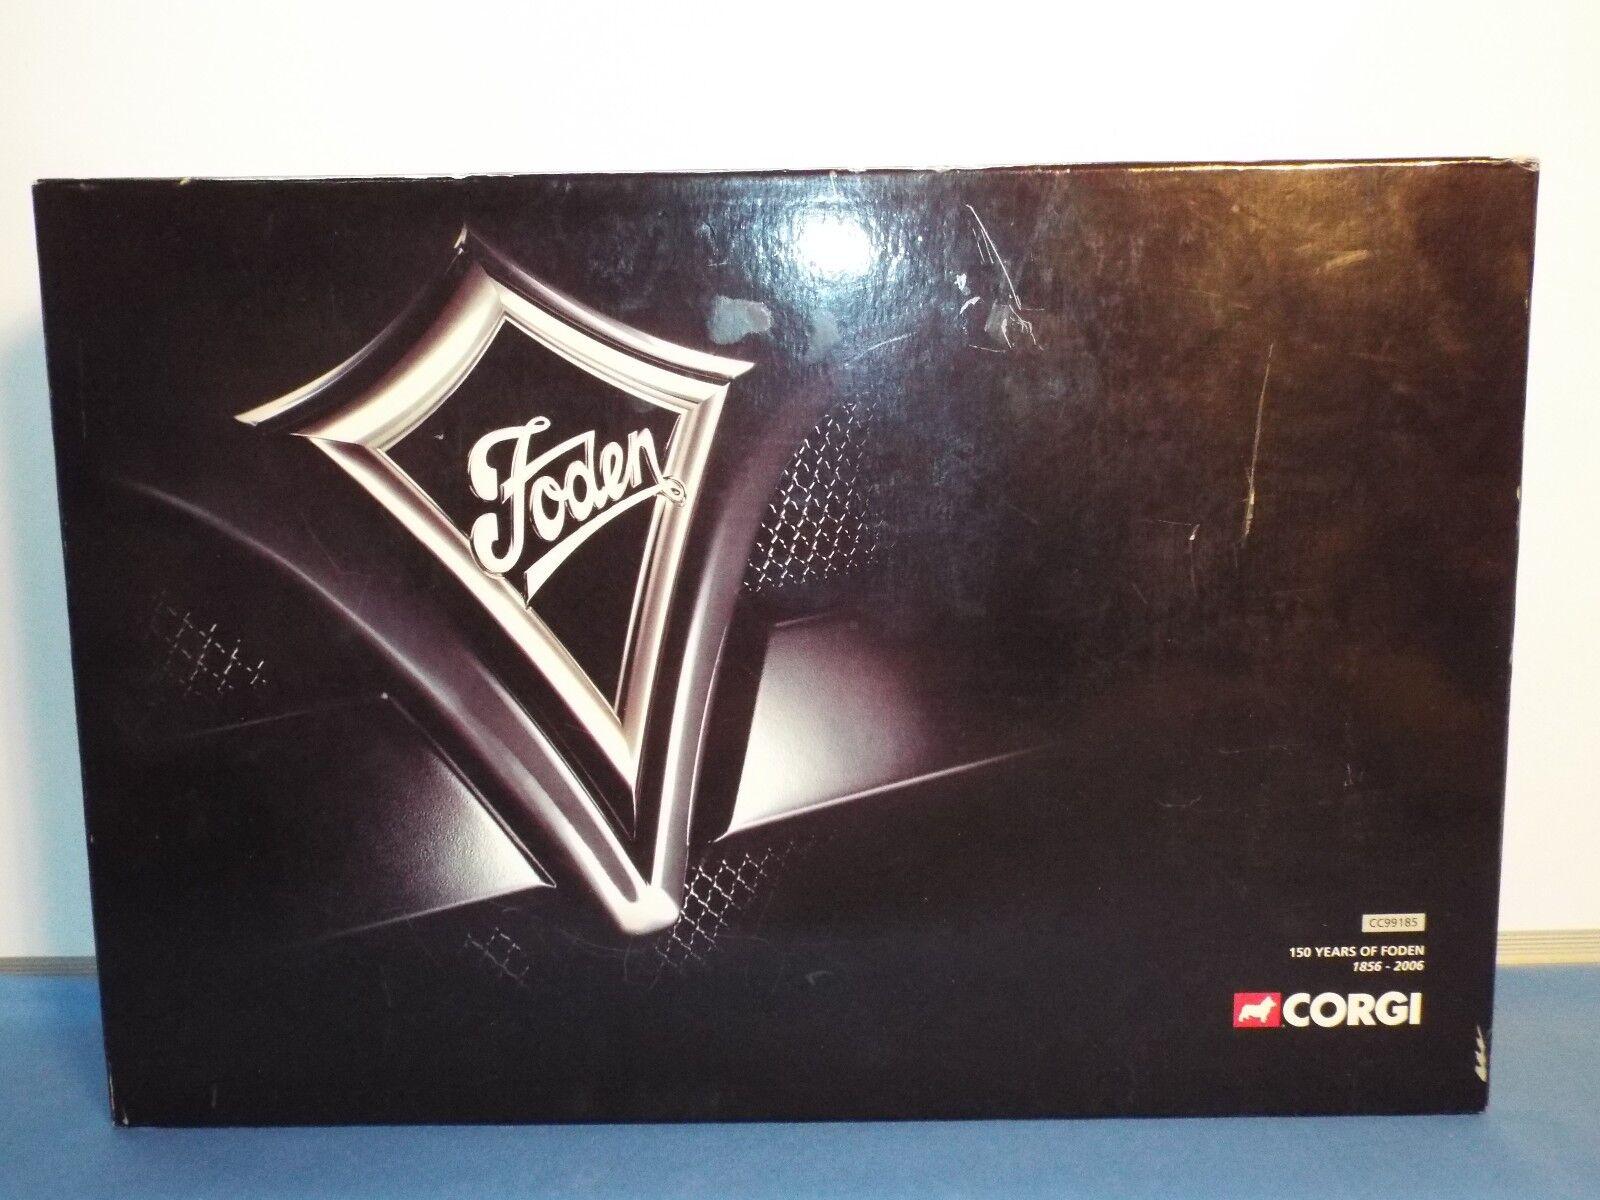 CORGI N. 99185 FODEN 150 ANNO Set VNMB